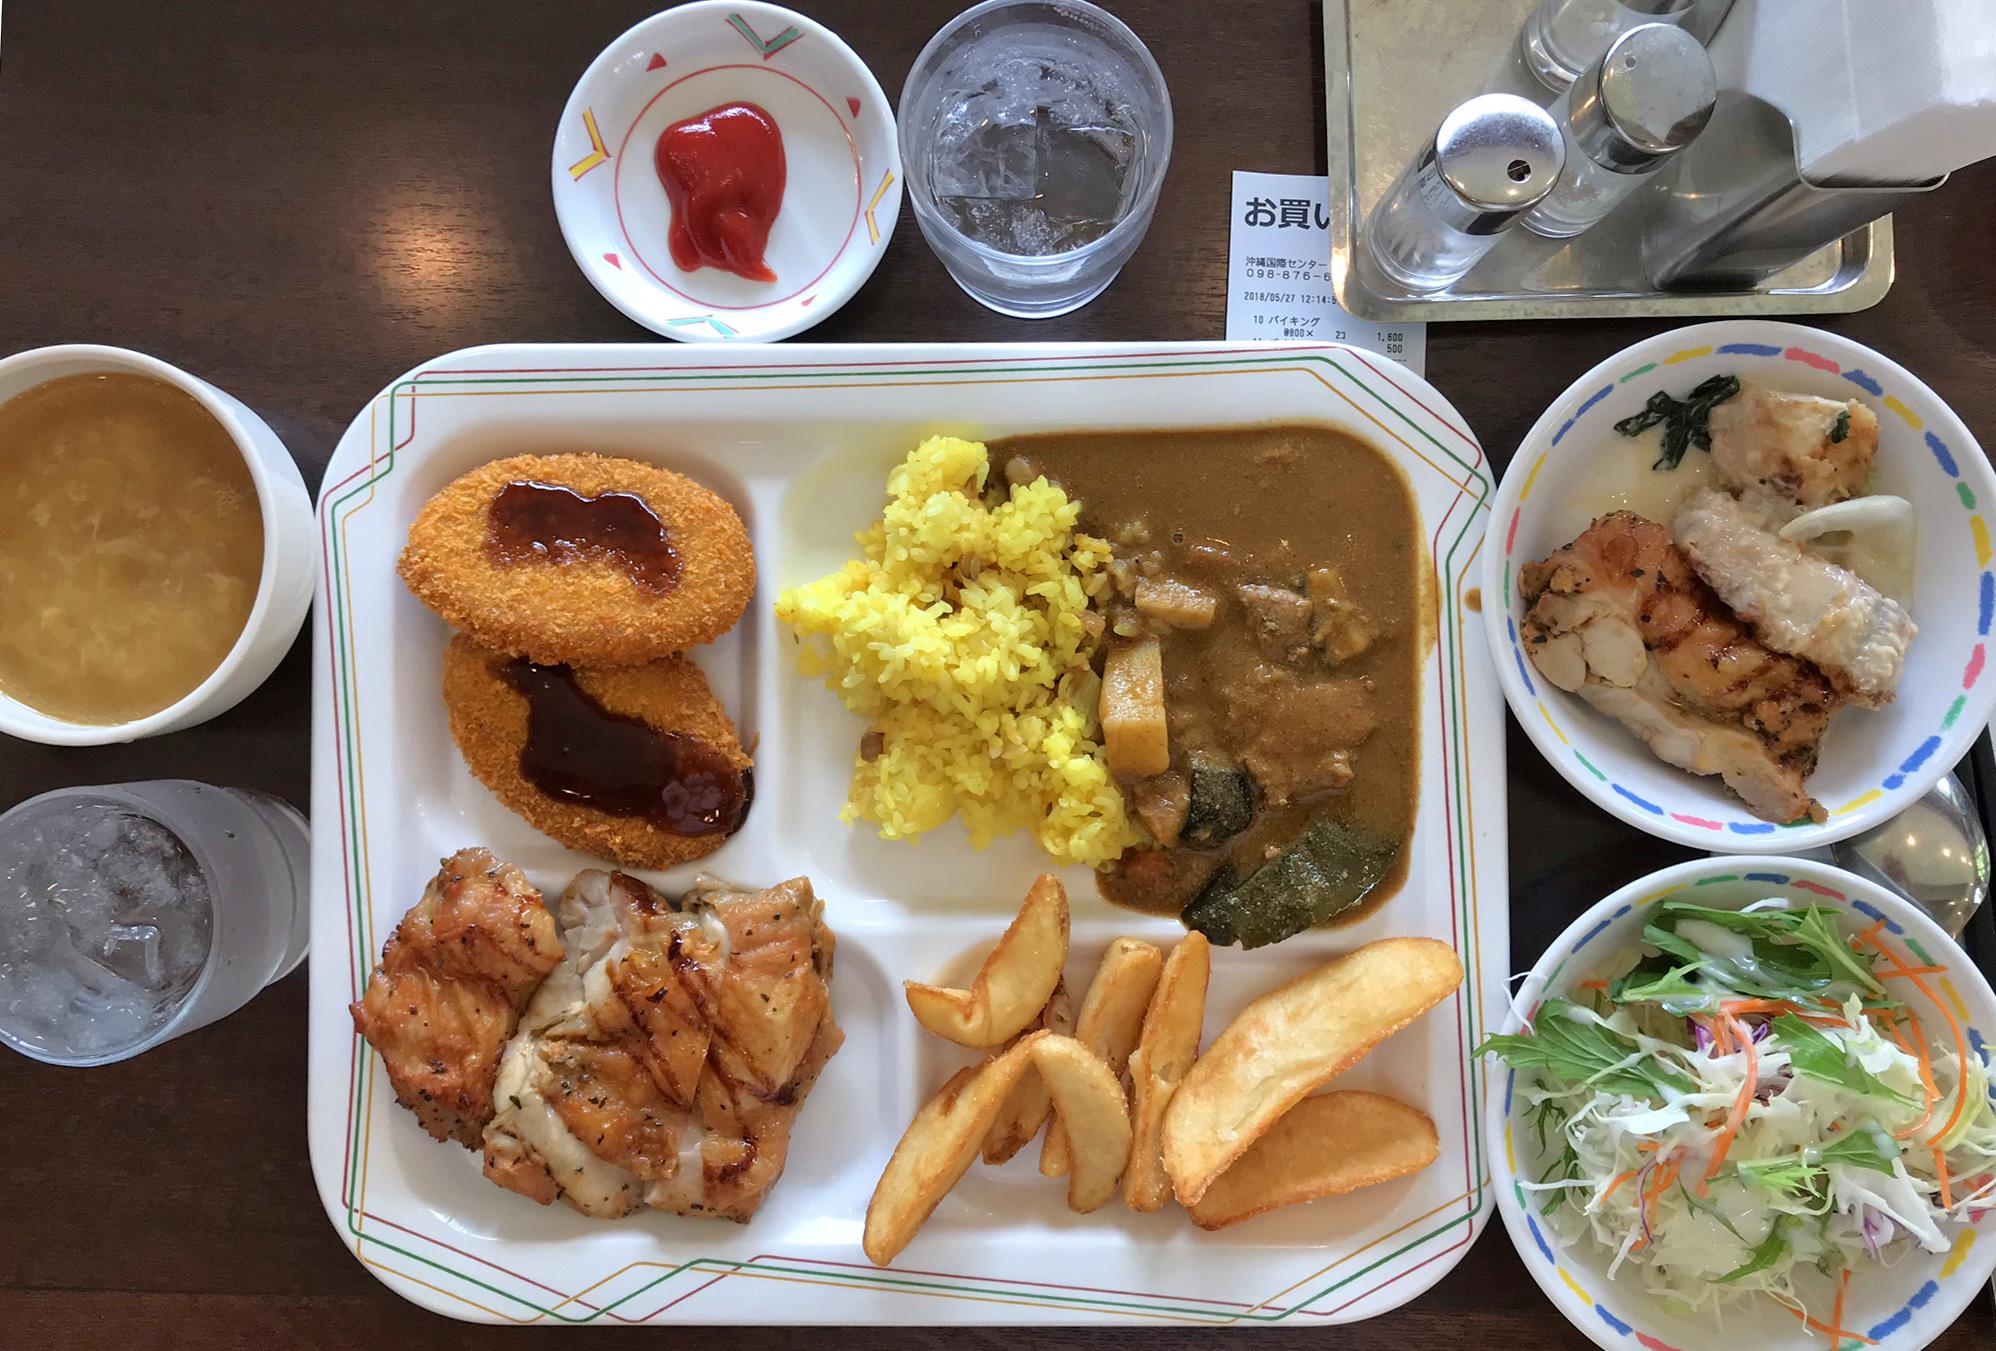 JICA沖縄 OIC(おいしー)食堂でランチバイキングを食べてきた